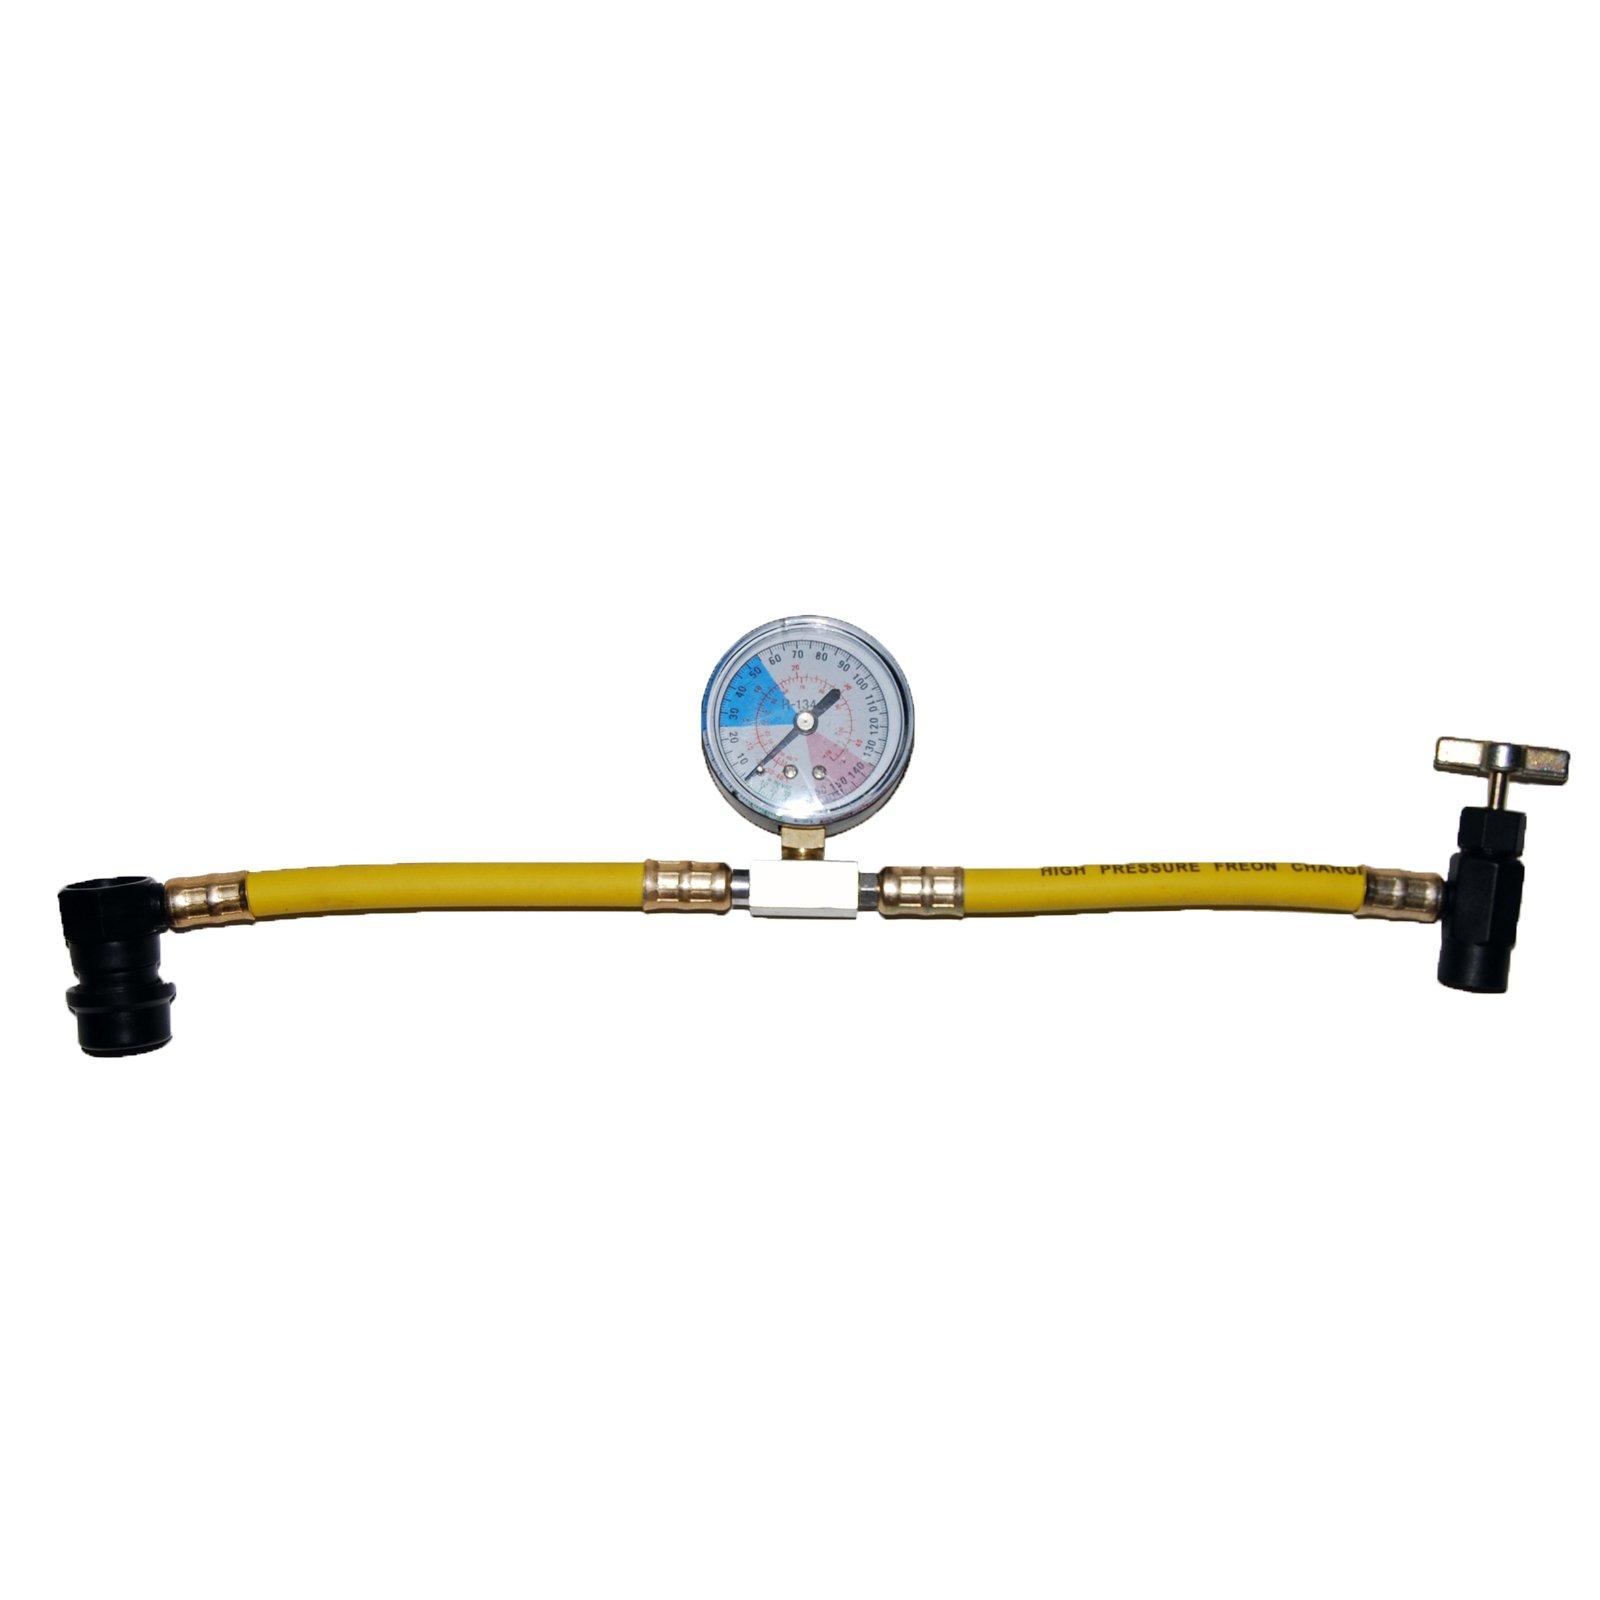 ZeroR R134 Plastic Can Tap and Gauge